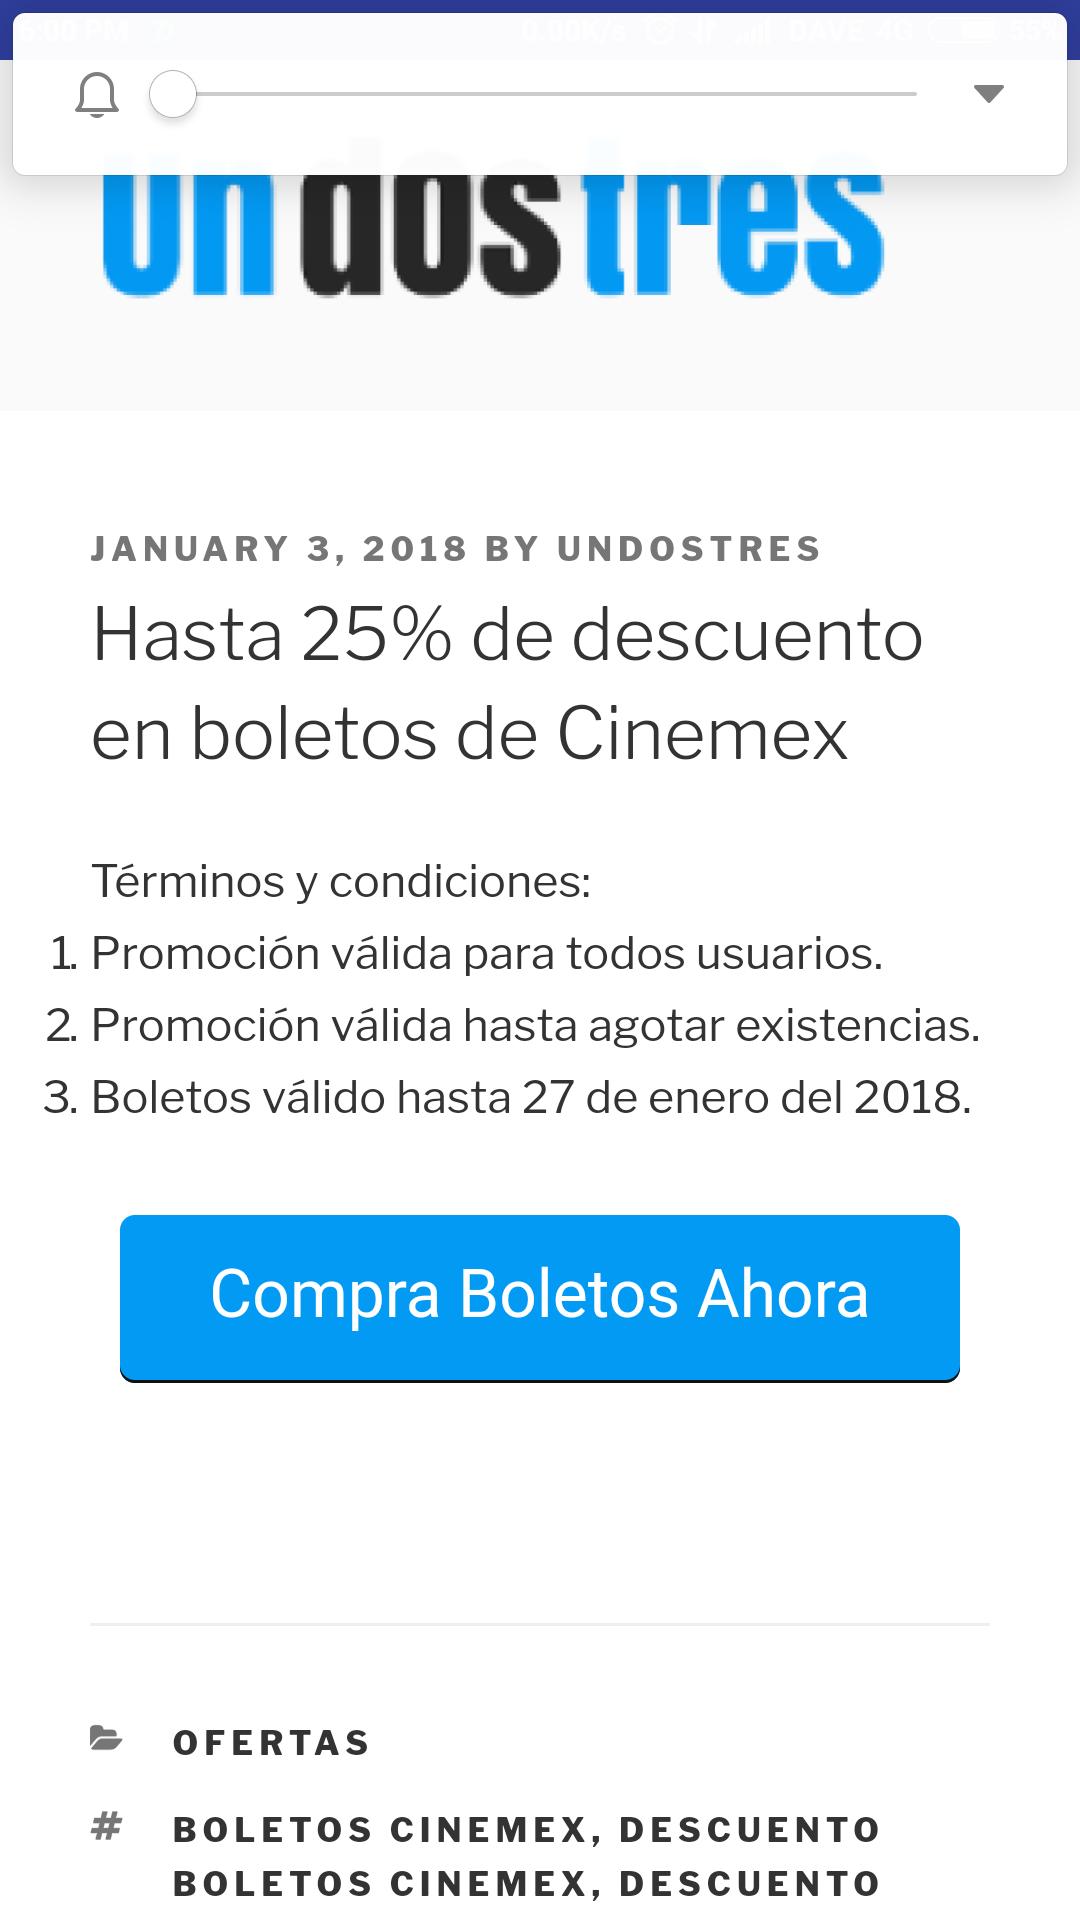 UNDOSTRES: Boletos cinemex con 25% de descuento mas bonificacion en monedero